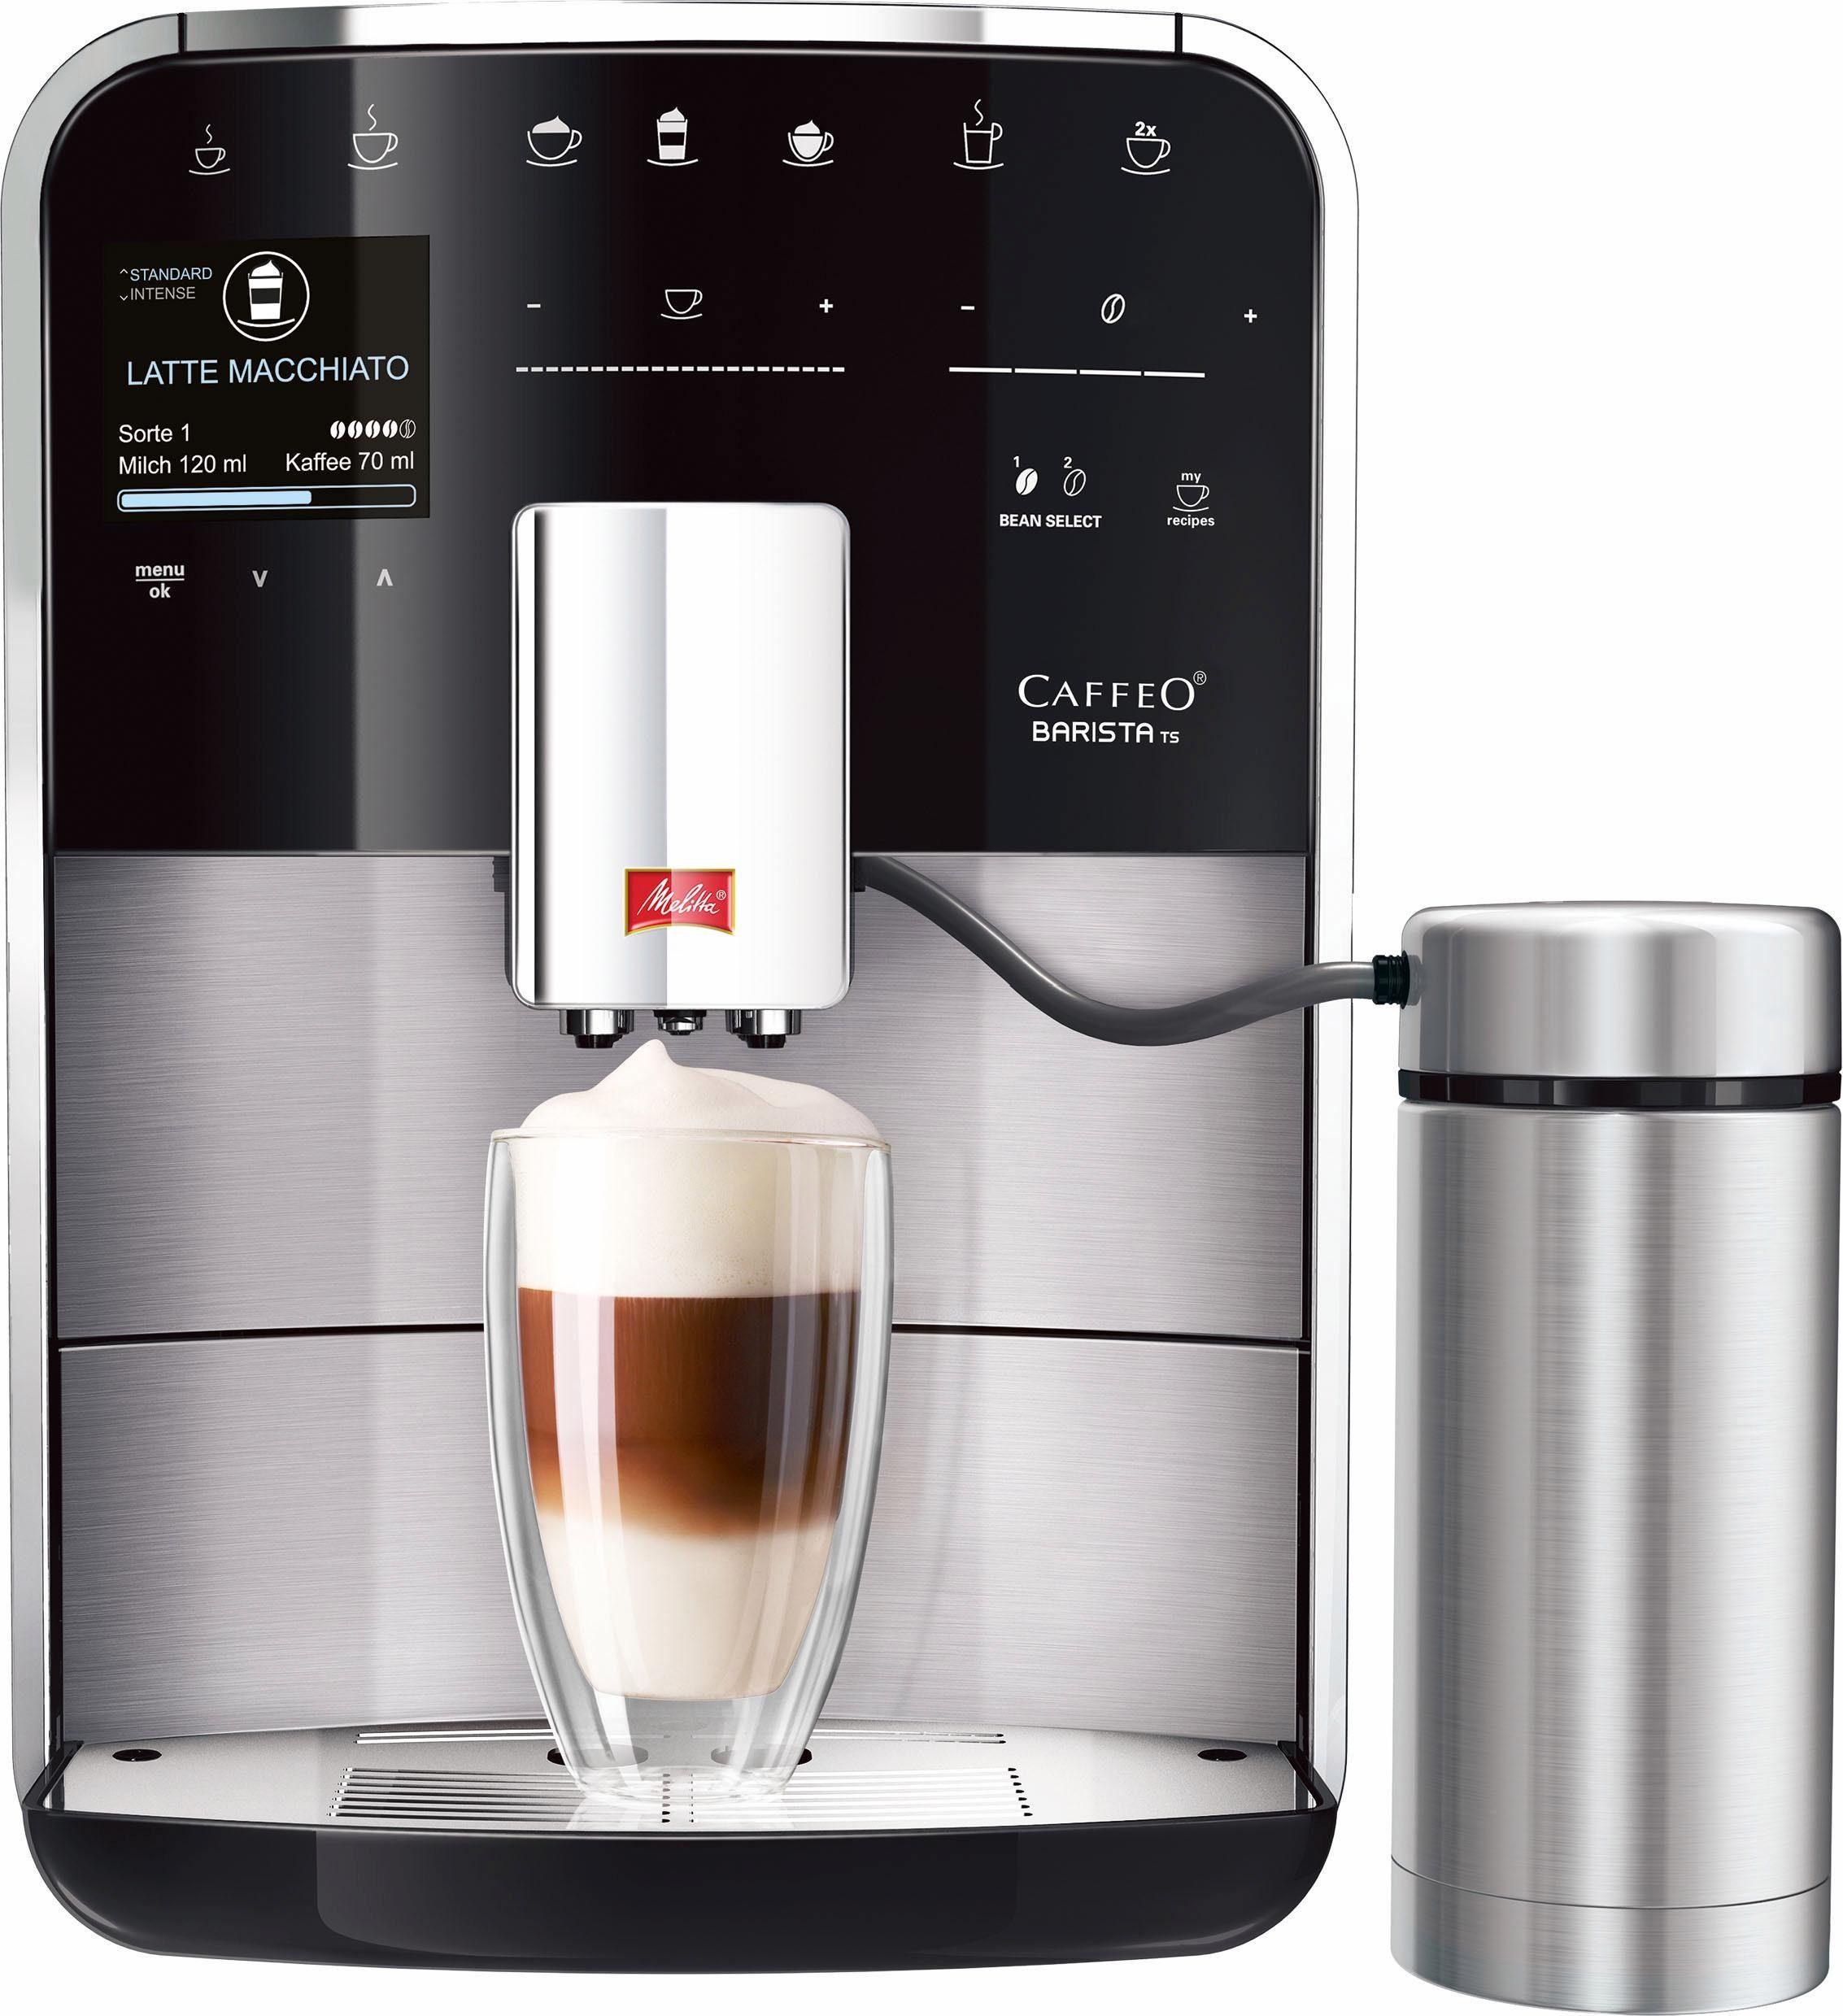 Melitta Kaffeevollautomat CAFFEO® Barista® TS Aroma Intense F 76/0-200, 1,8l Tank, Kegelmahlwerk